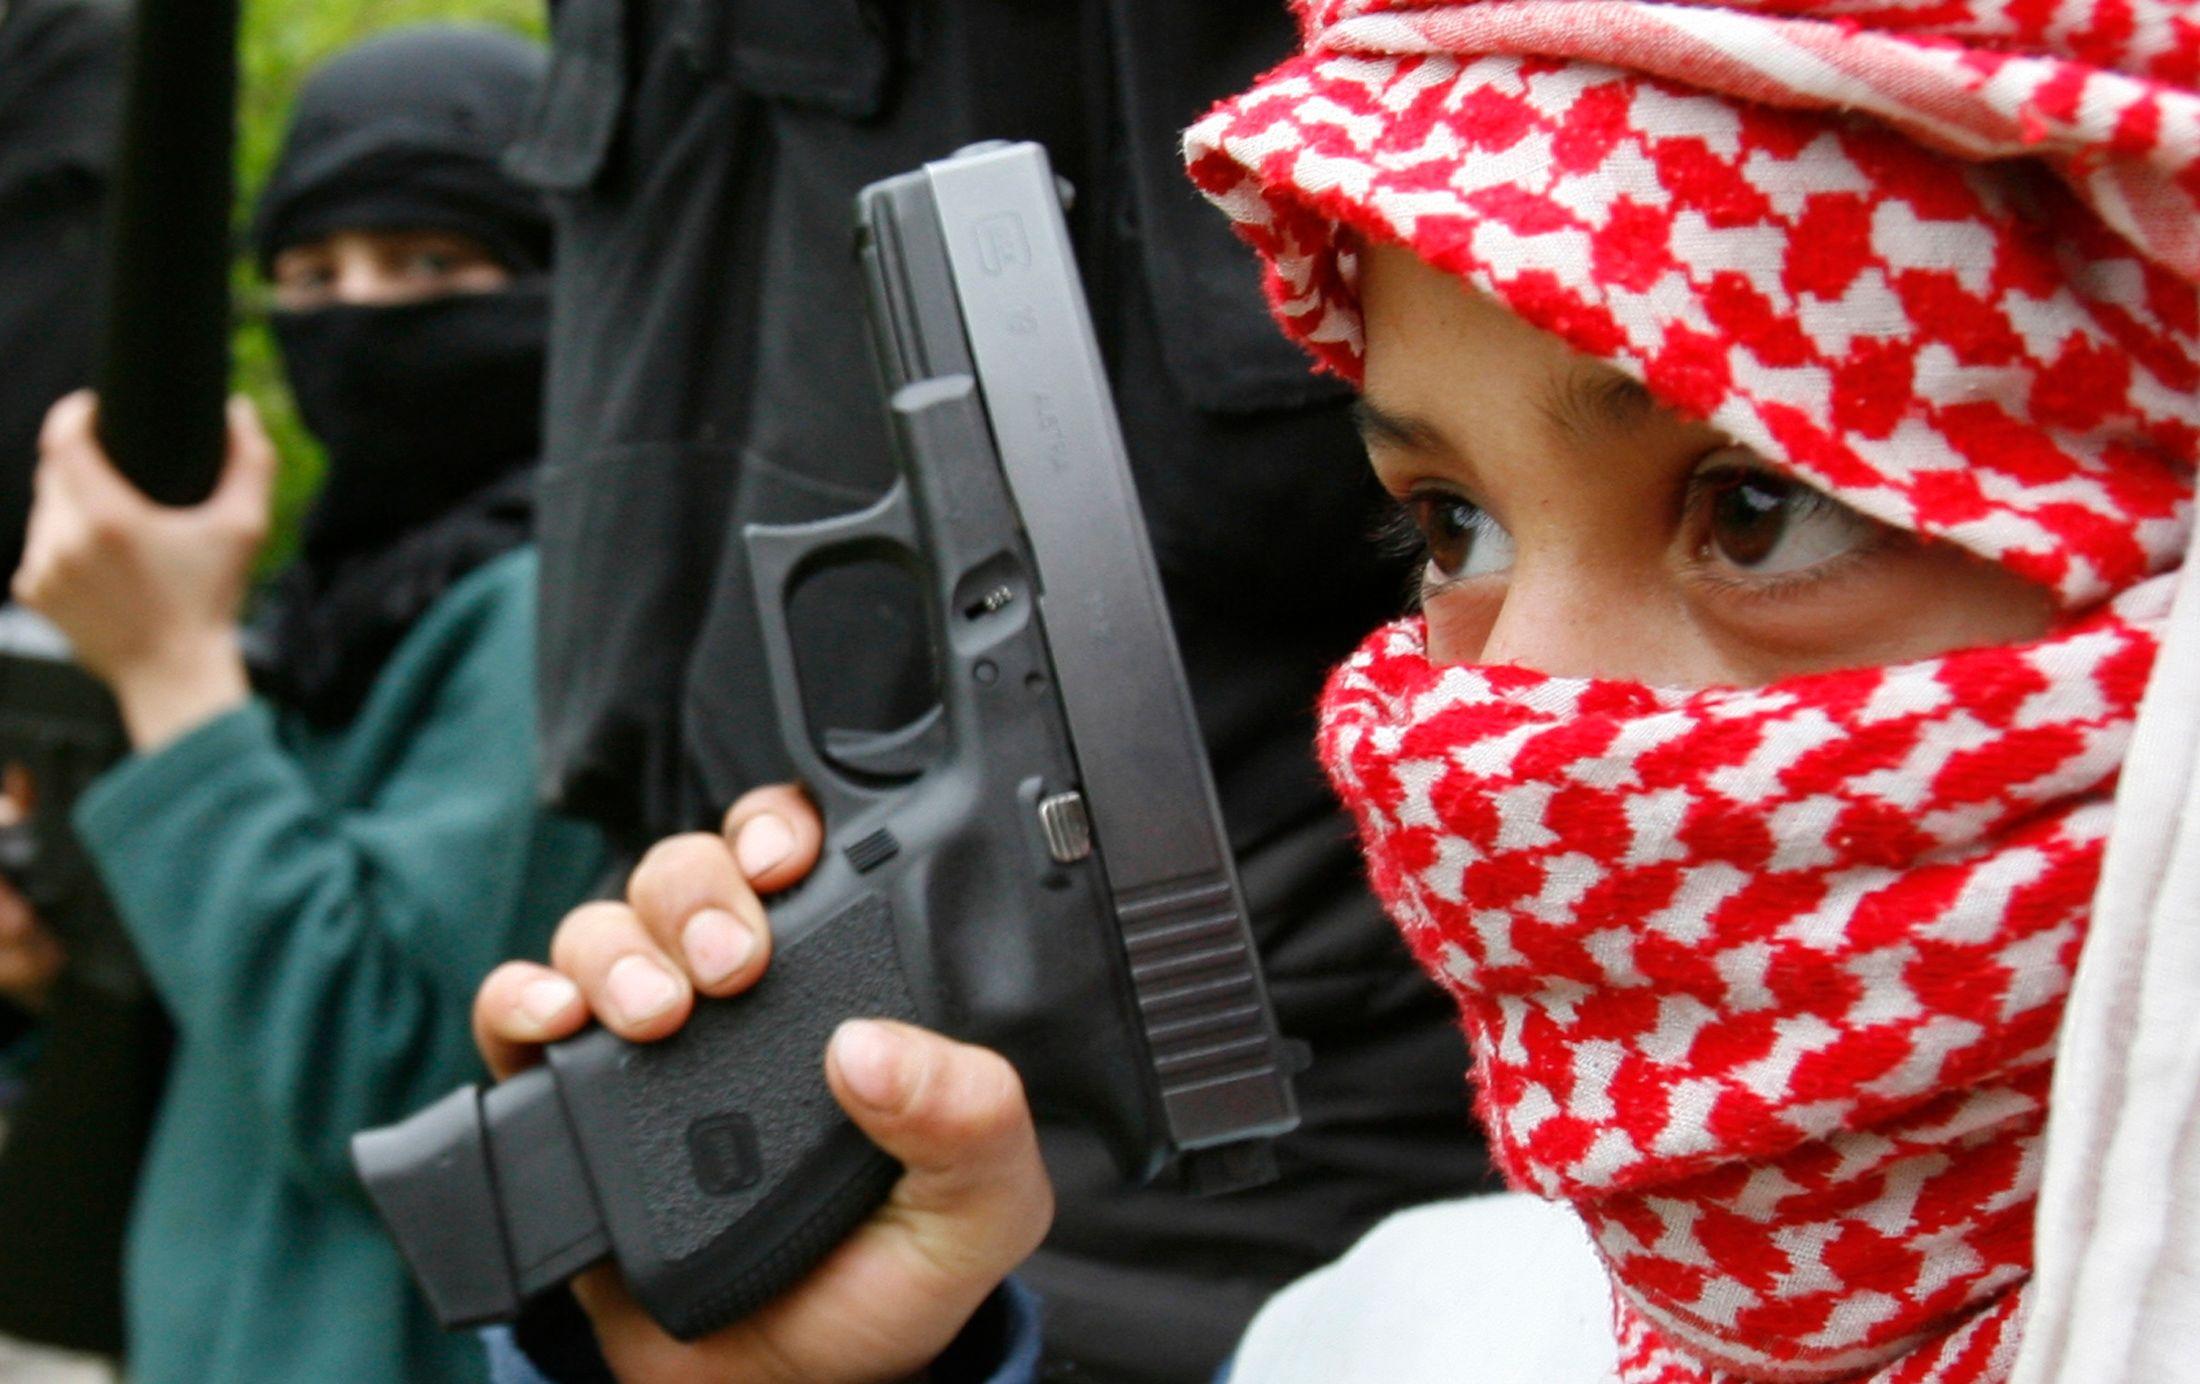 Après les islamistes modérés, voici maintenant les djihadistes modérés.